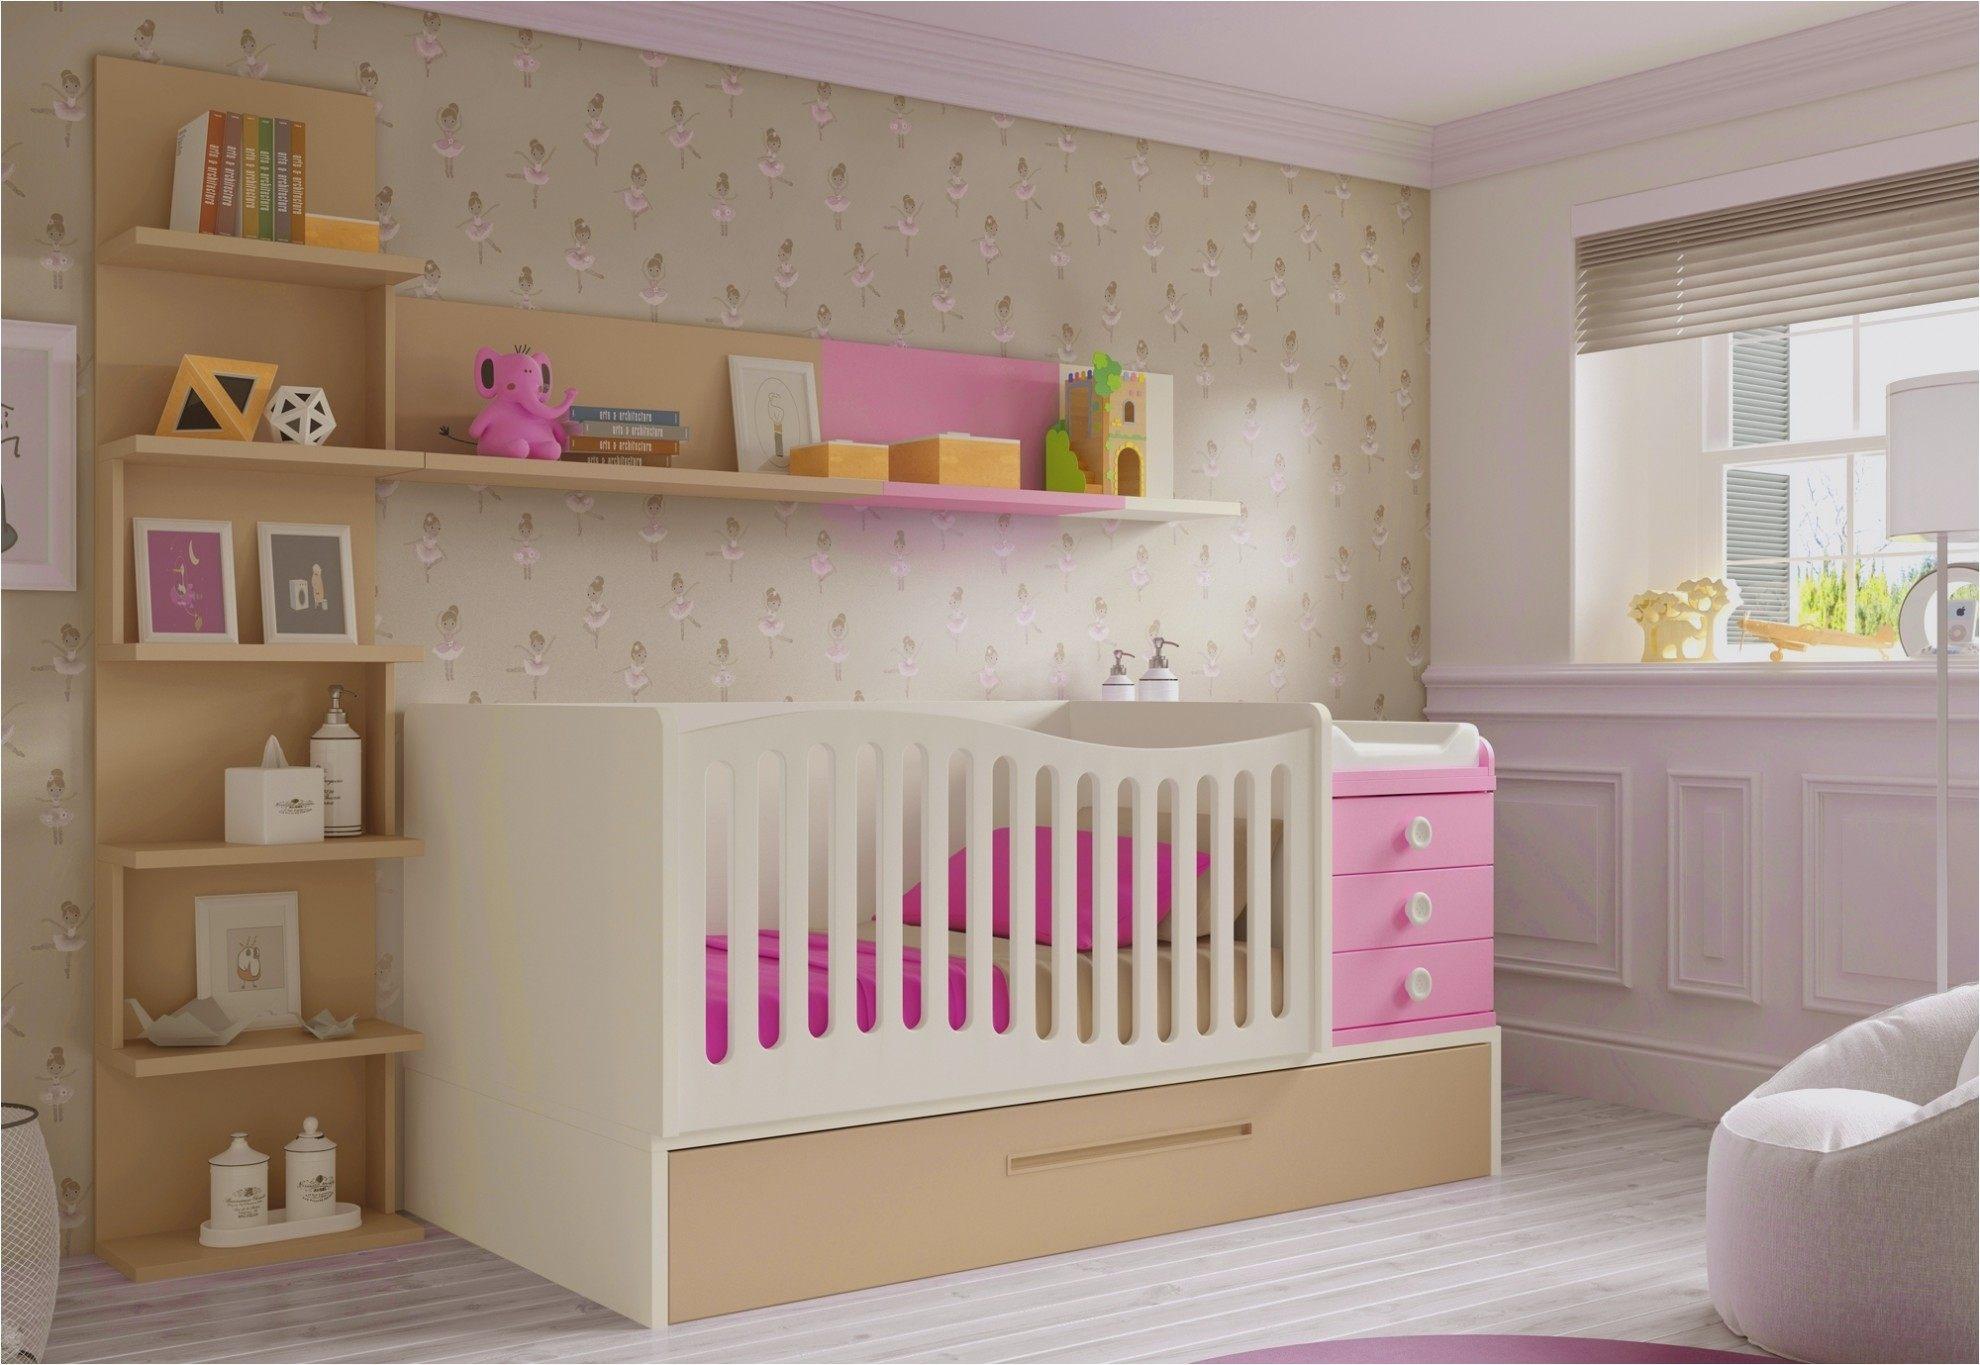 Tour De Lit Bébé Ikea Génial Chaise Rose Poudré Meilleur De Lit Superposé Design Ajihle – Ccfd Cd